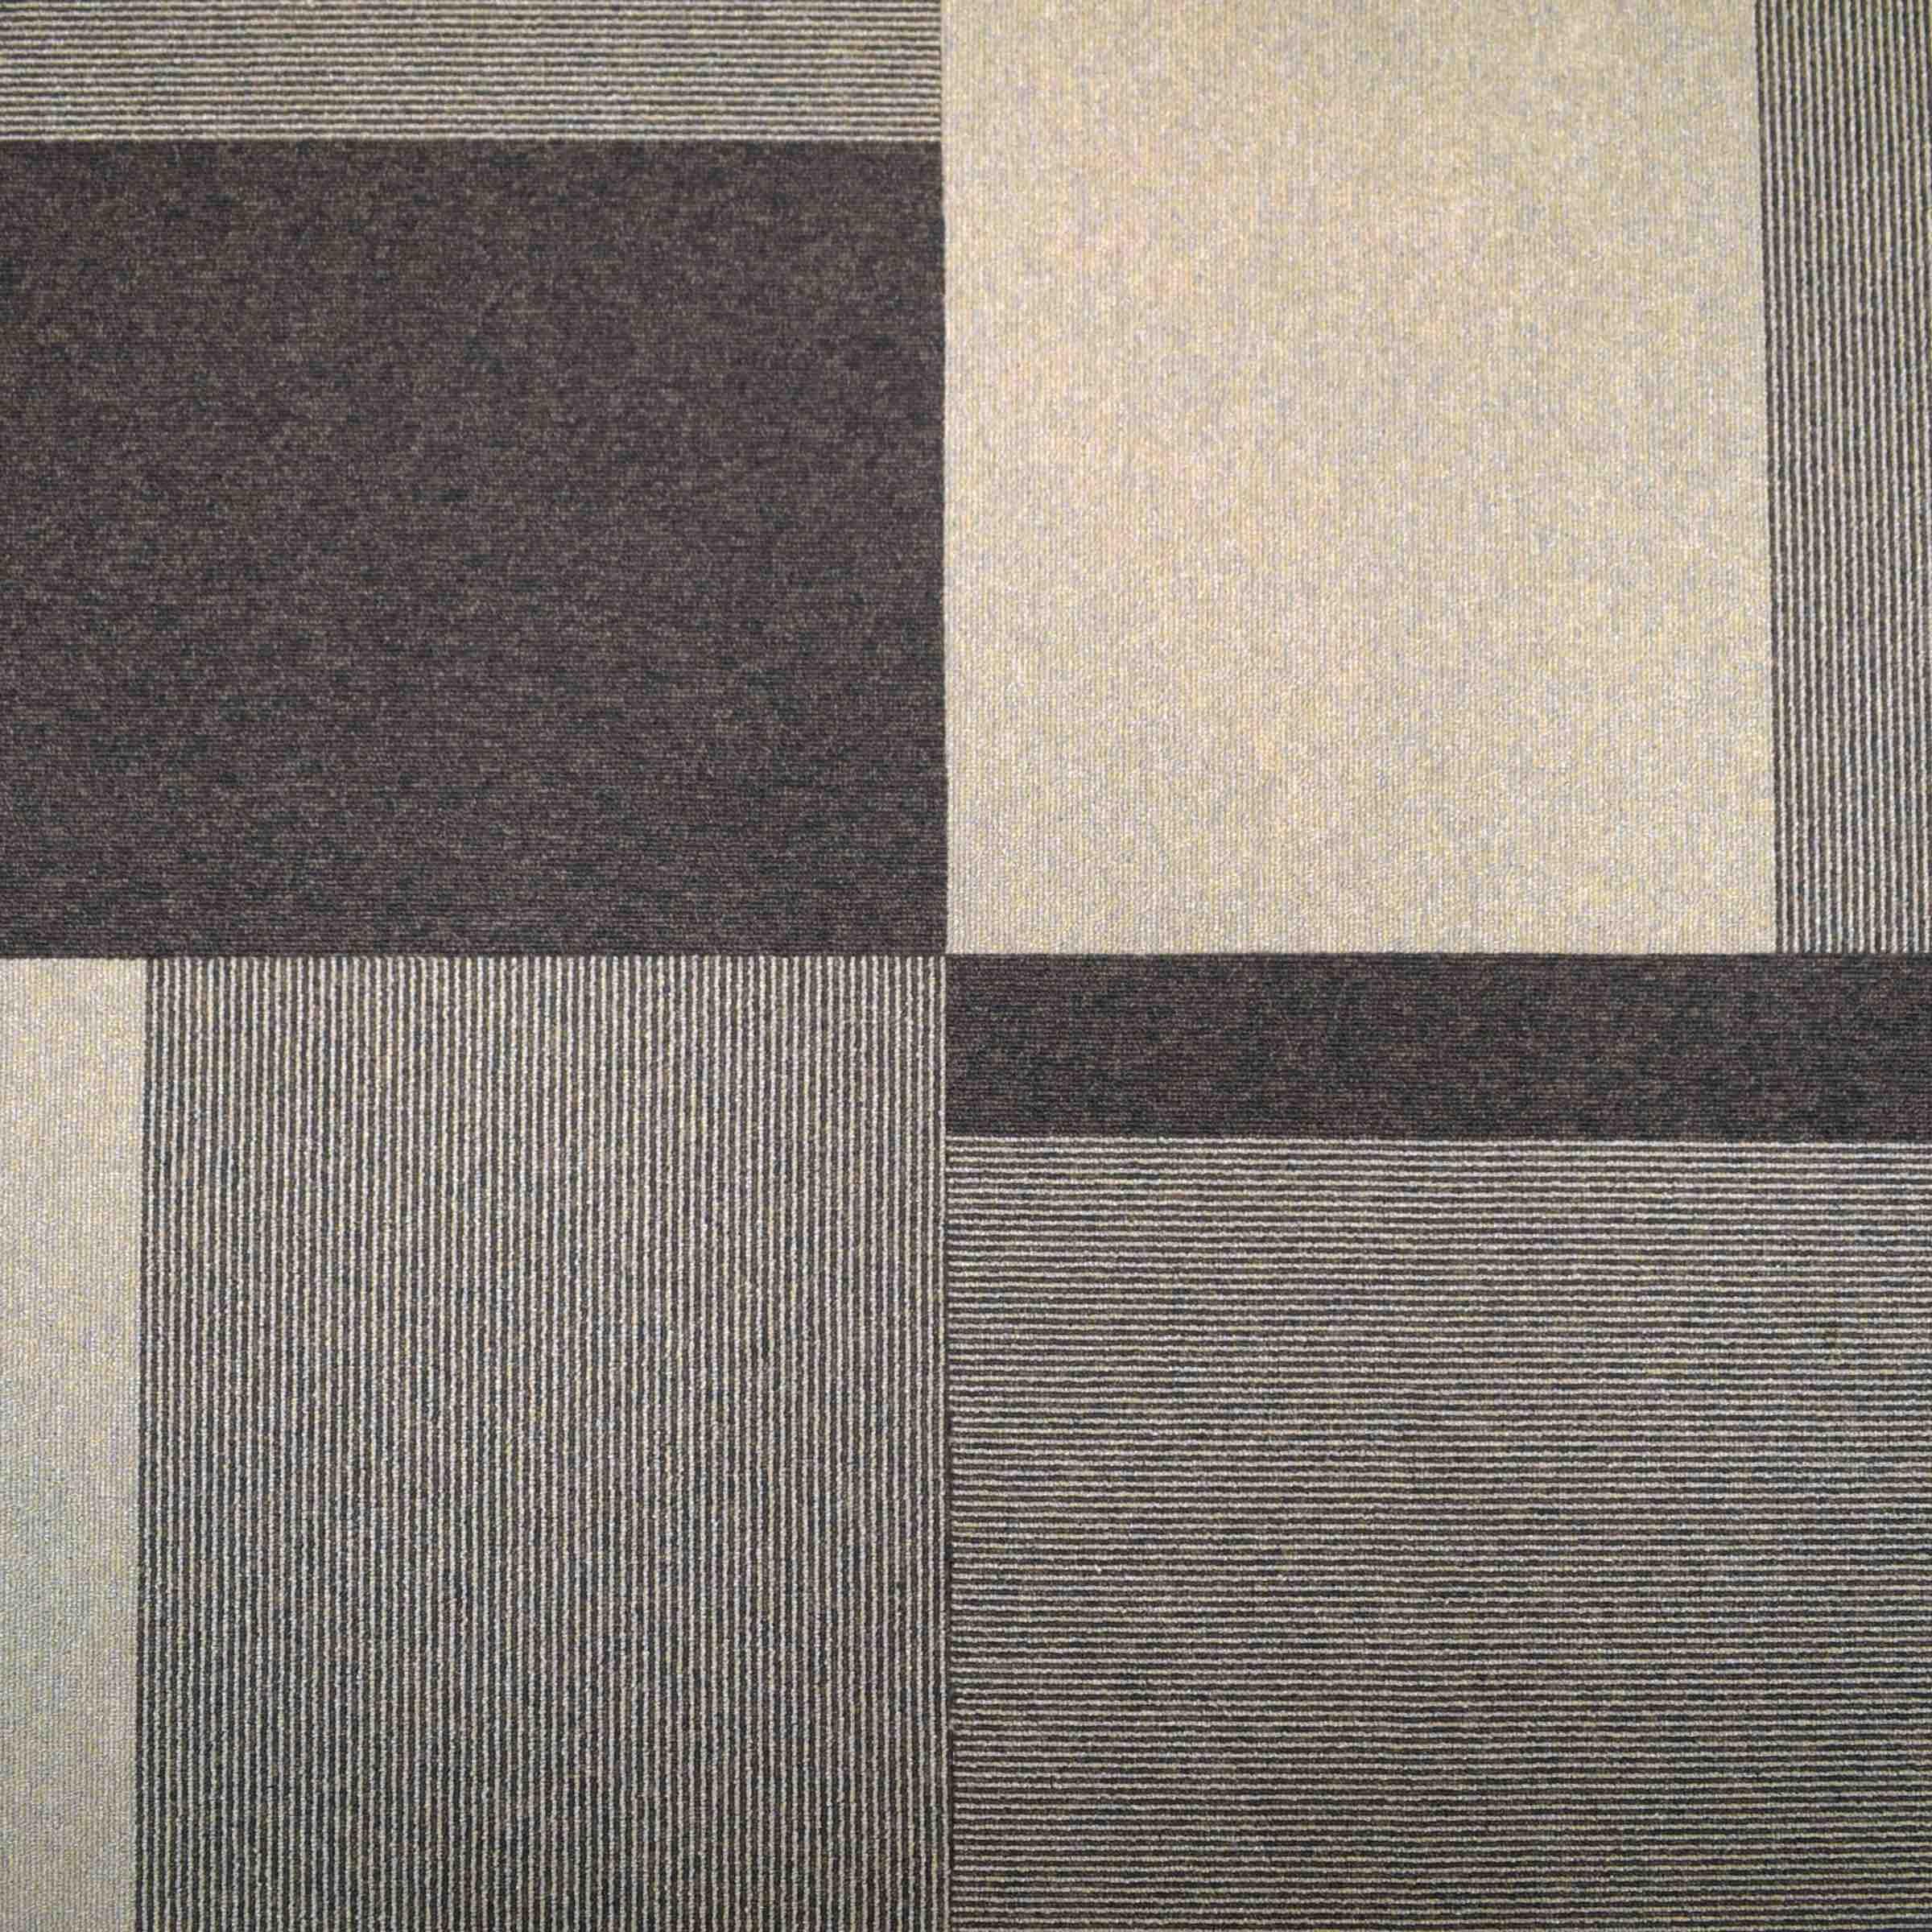 Total Contrast | Crackled Sapling | Paragon Carpet Tiles | Commercial Carpet Tiles